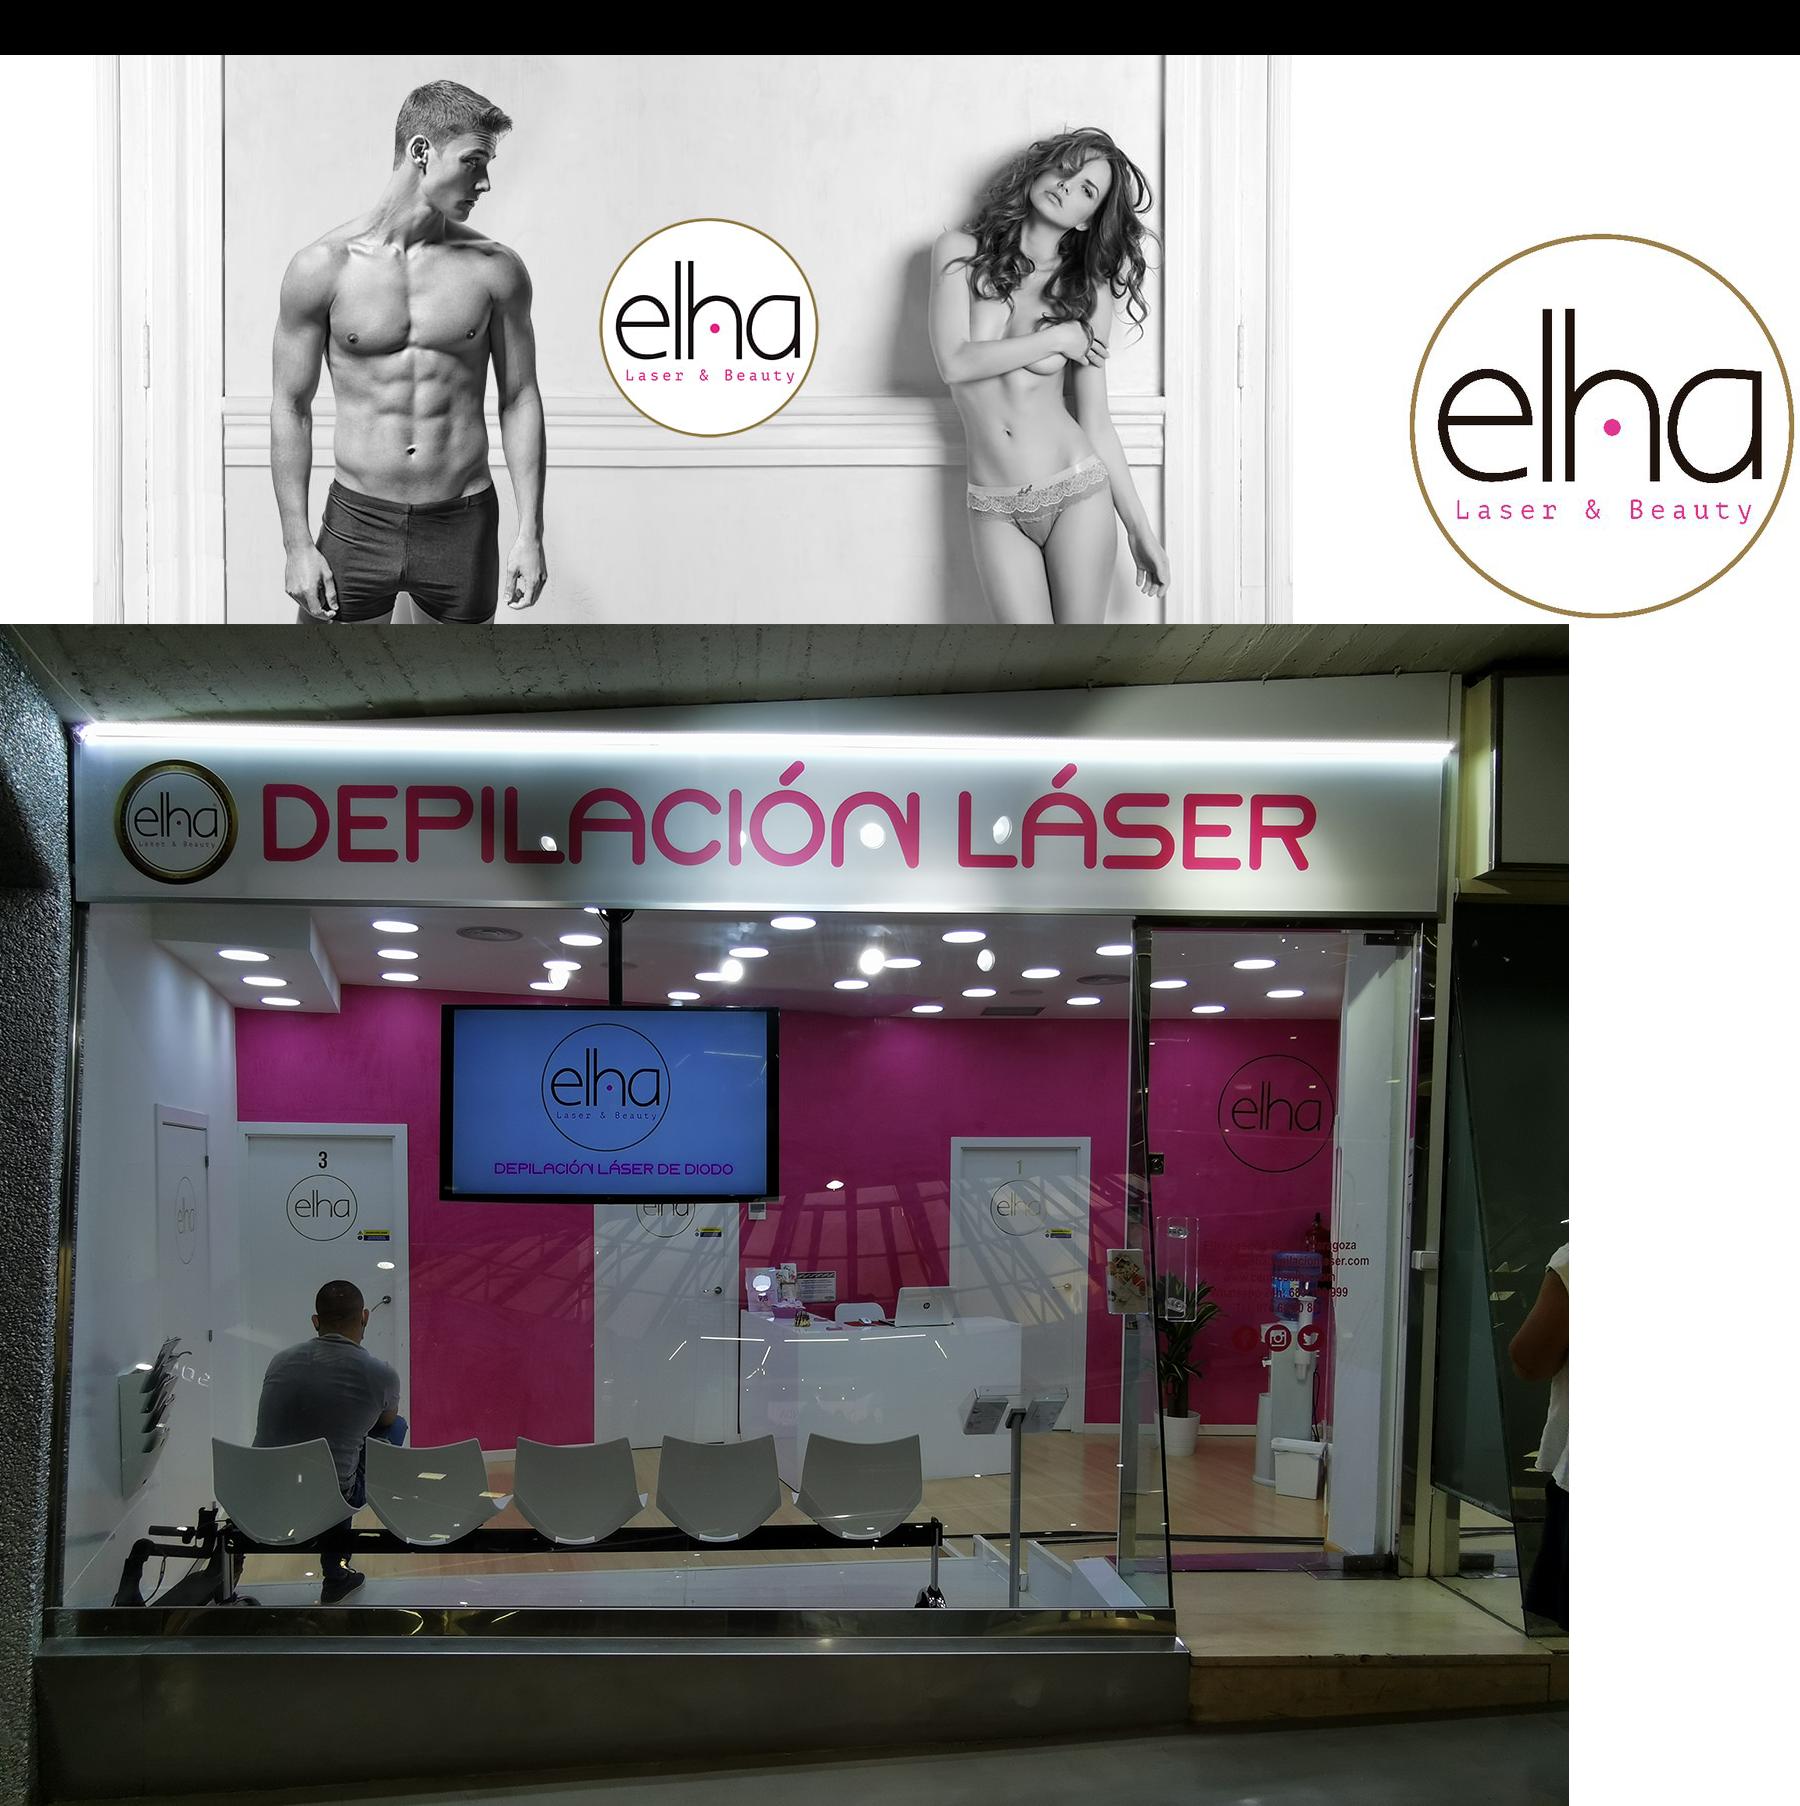 Elha Depilacion Laser – Centro Independencia Caracol